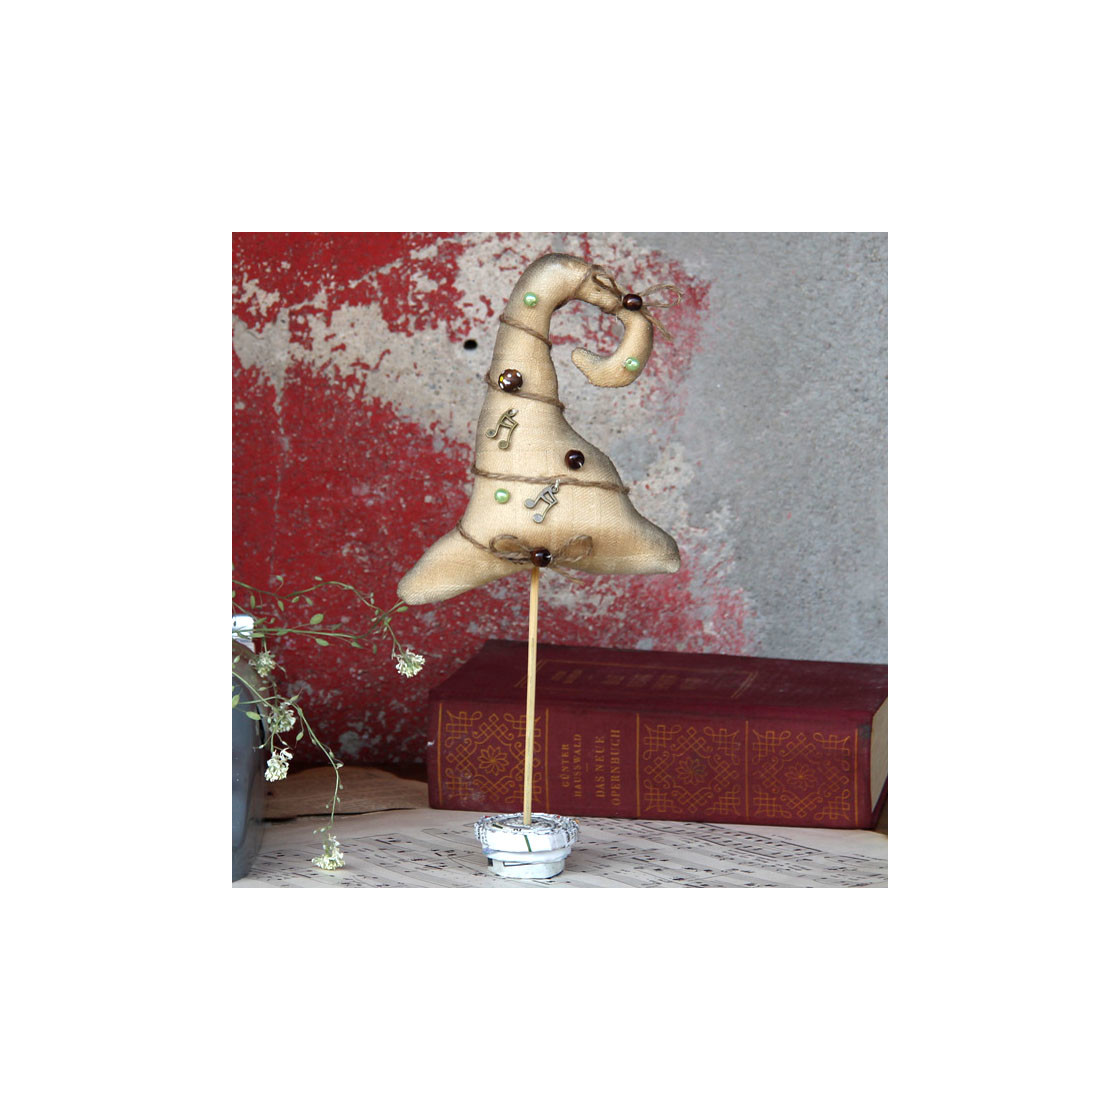 Vintage design tischdeko weihnachtsbaum 25 5 cm 16 99 for Design tischdeko